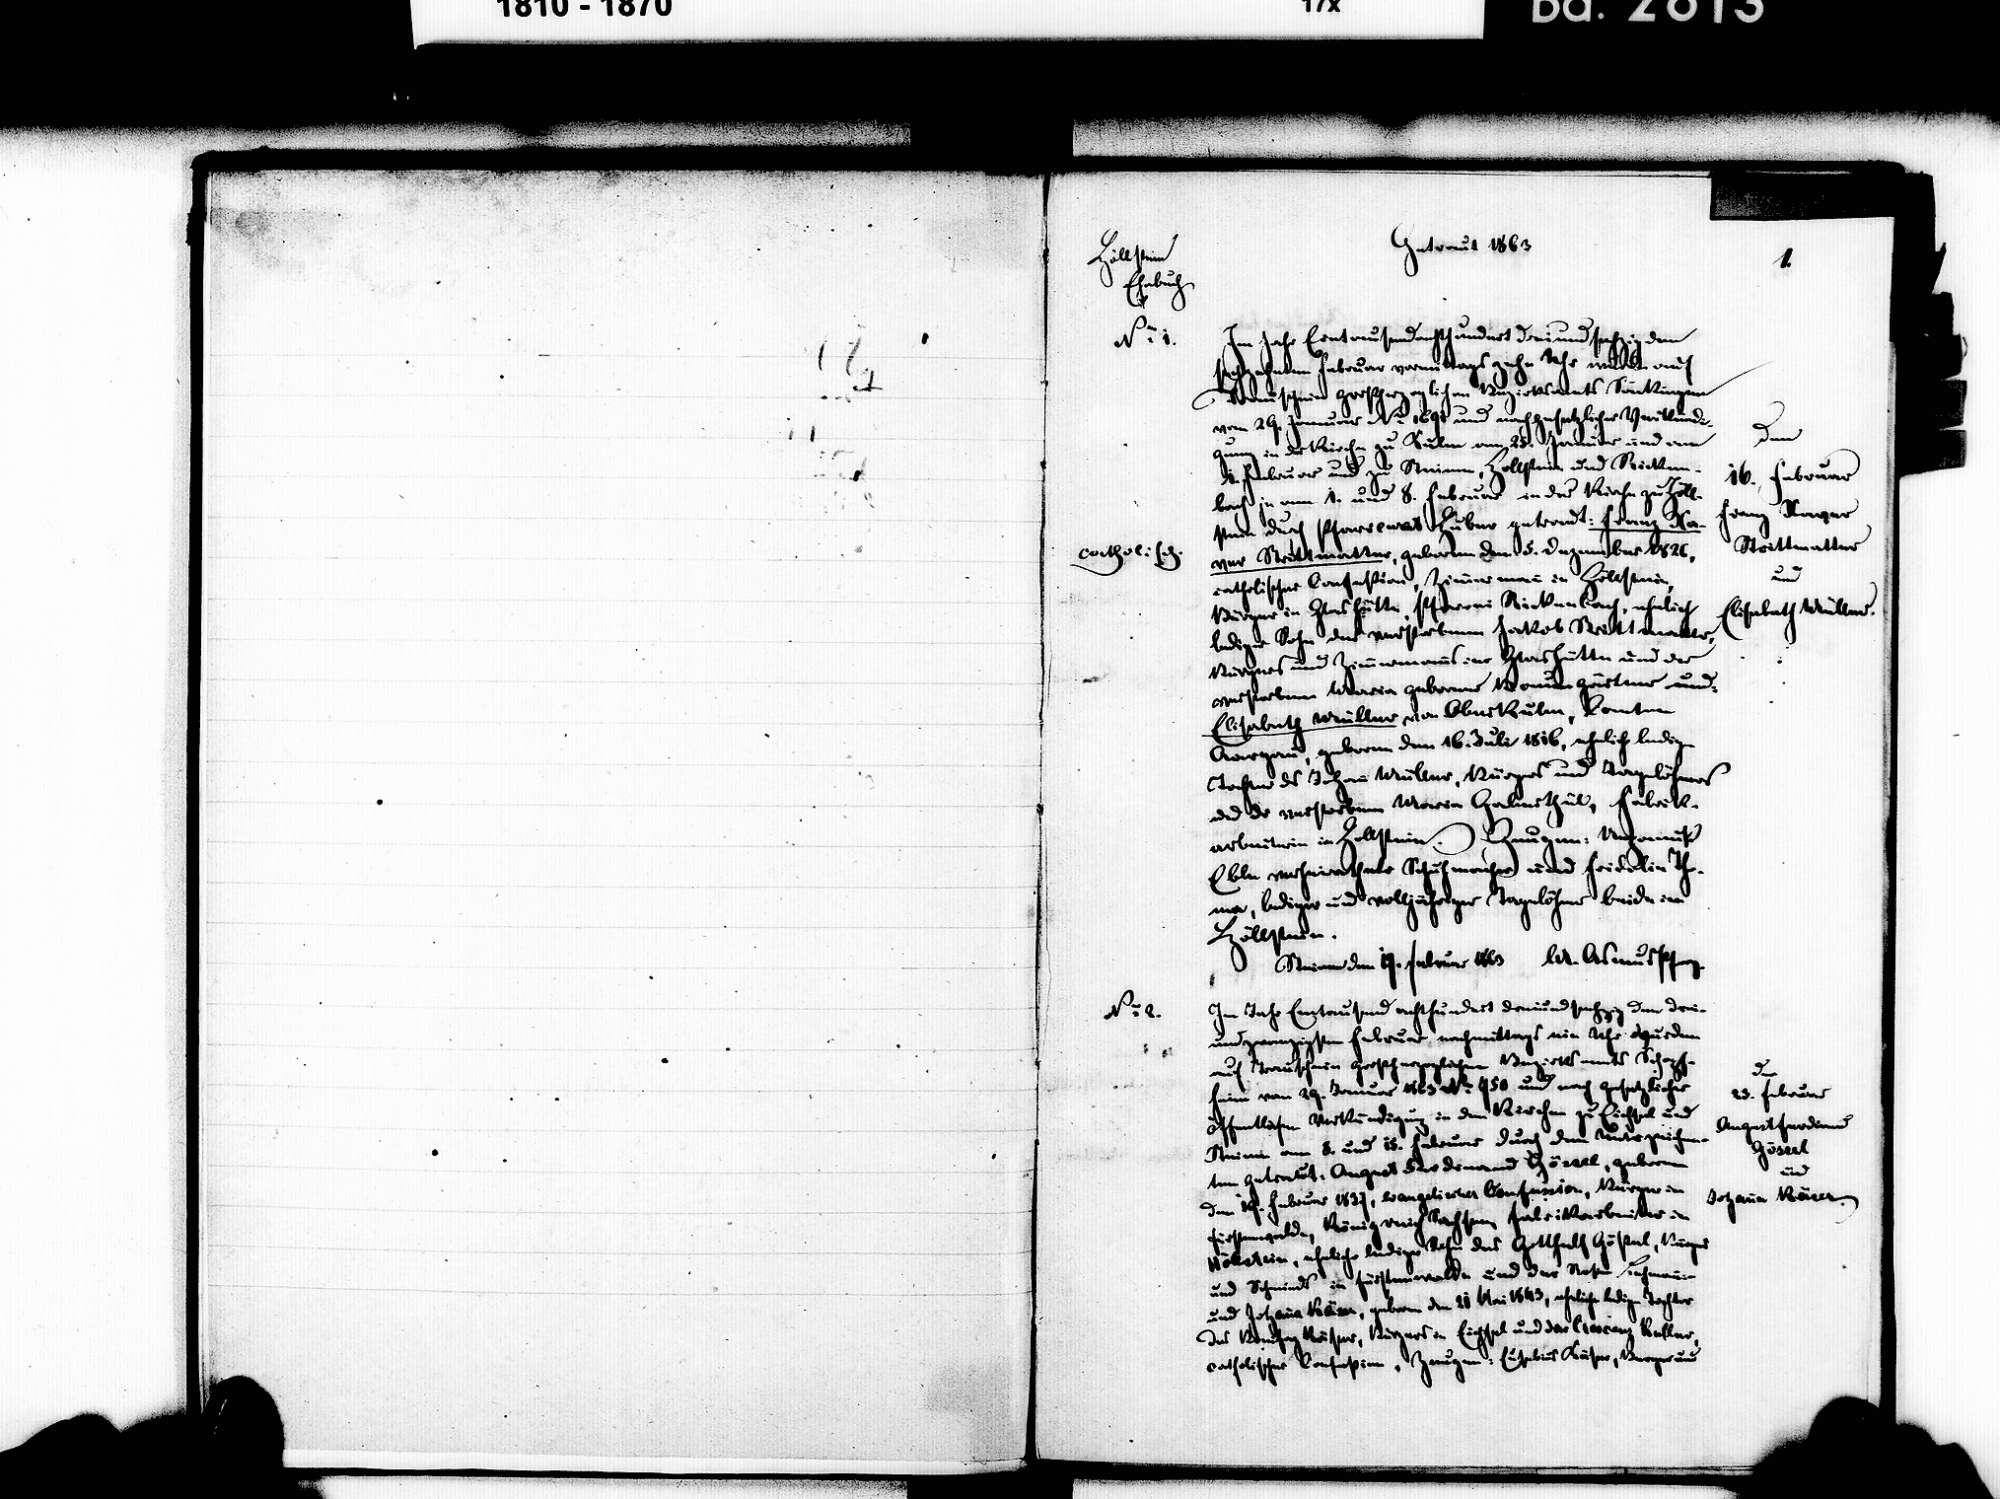 Höllstein, Steinen LÖ; Evangelische Gemeinde: Heiratsbuch 1863-1869 Enthält: Einzelne Katholische Einträge, Bild 3